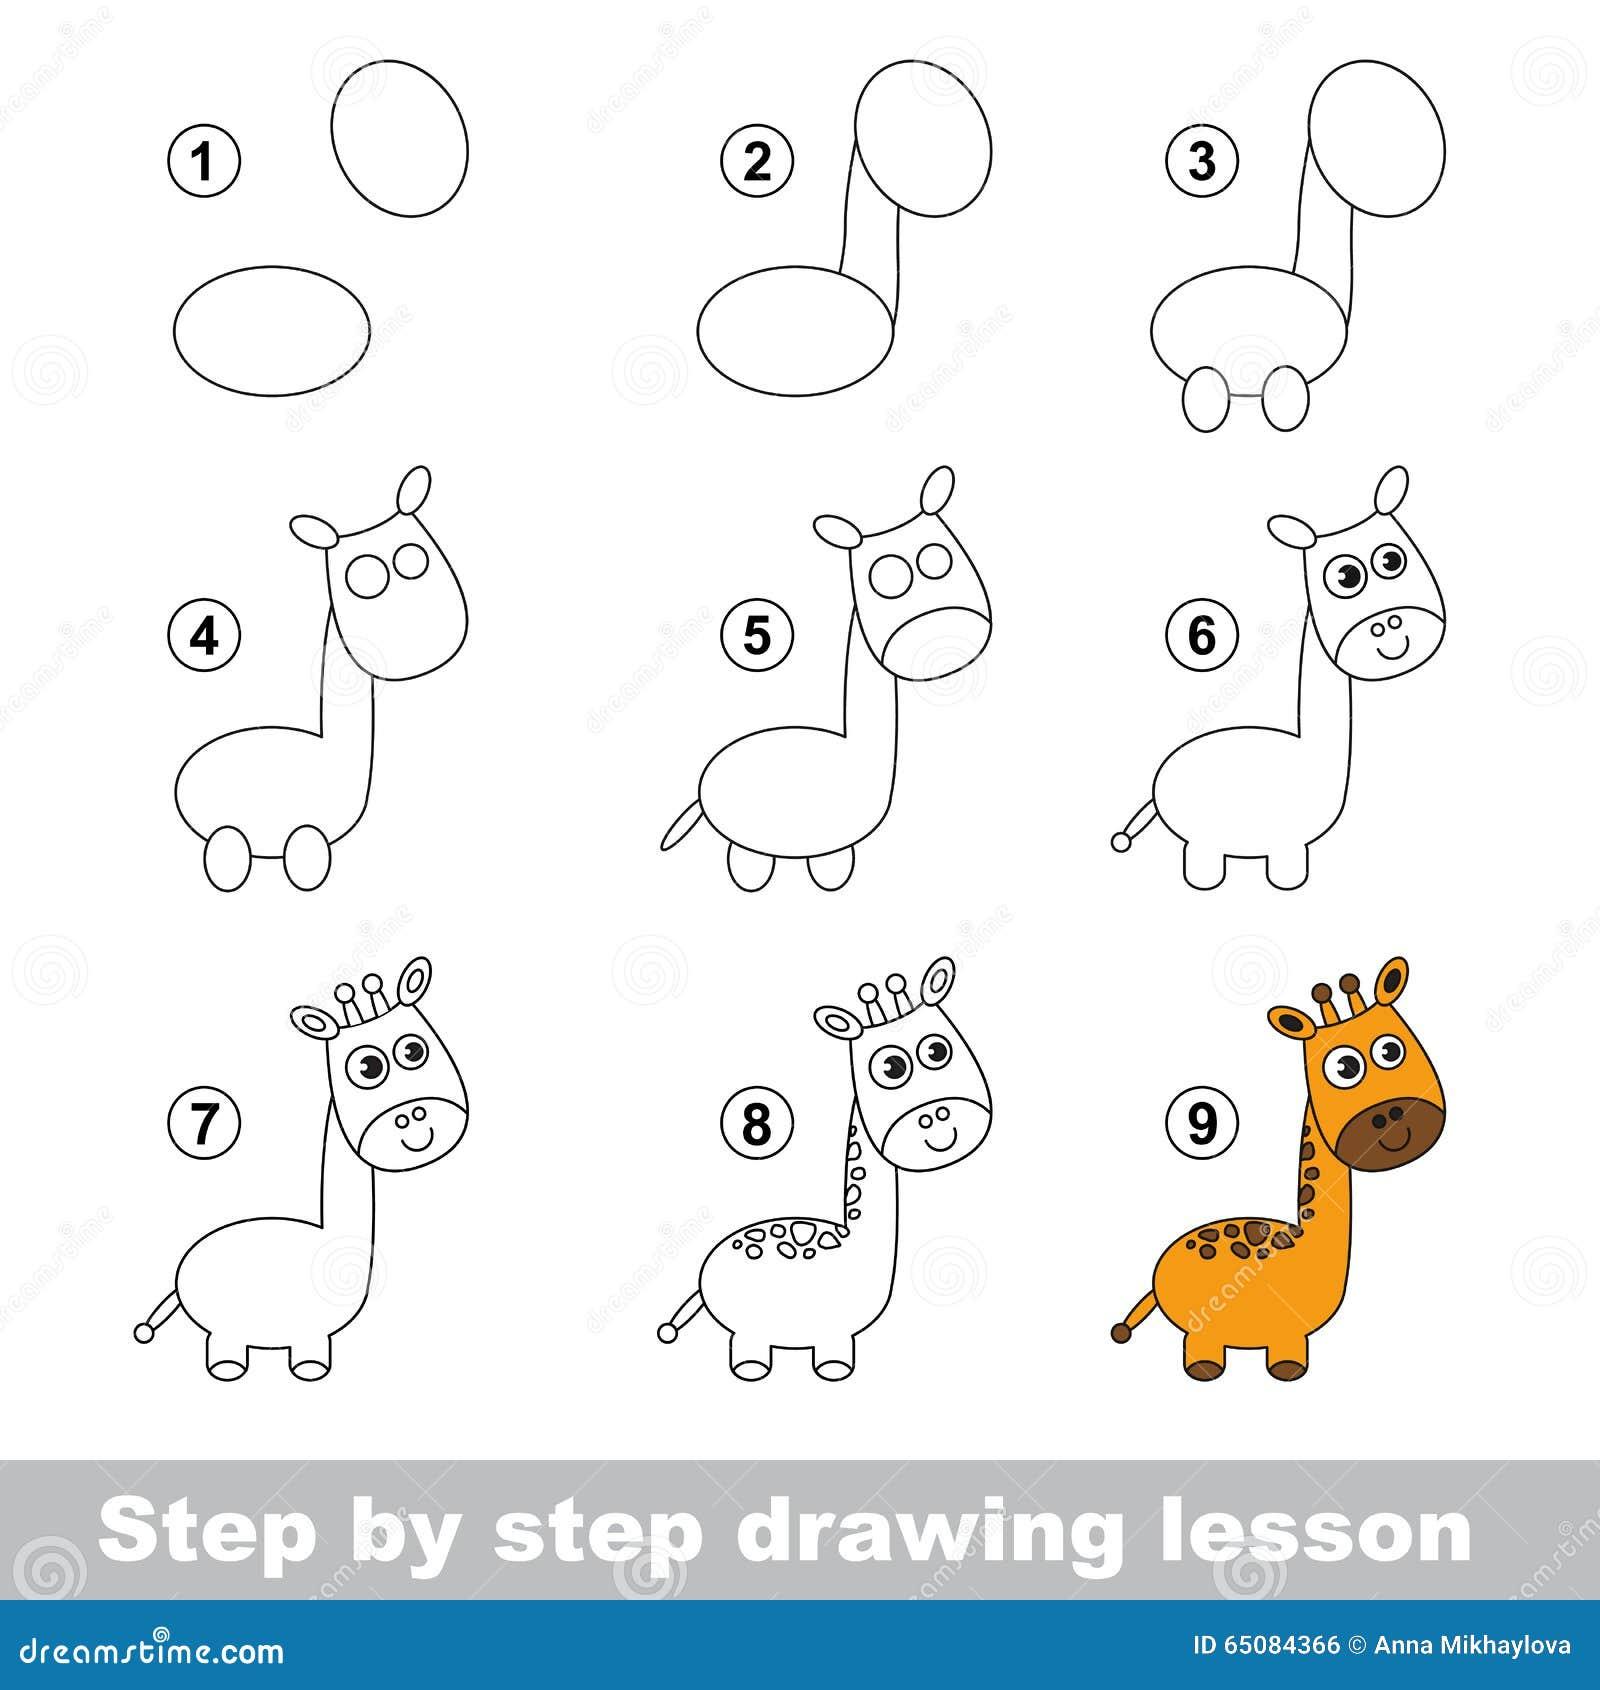 Zeichnendes Tutorium Wie Man Eine Giraffe Zeichnet Vektor ... - photo#28